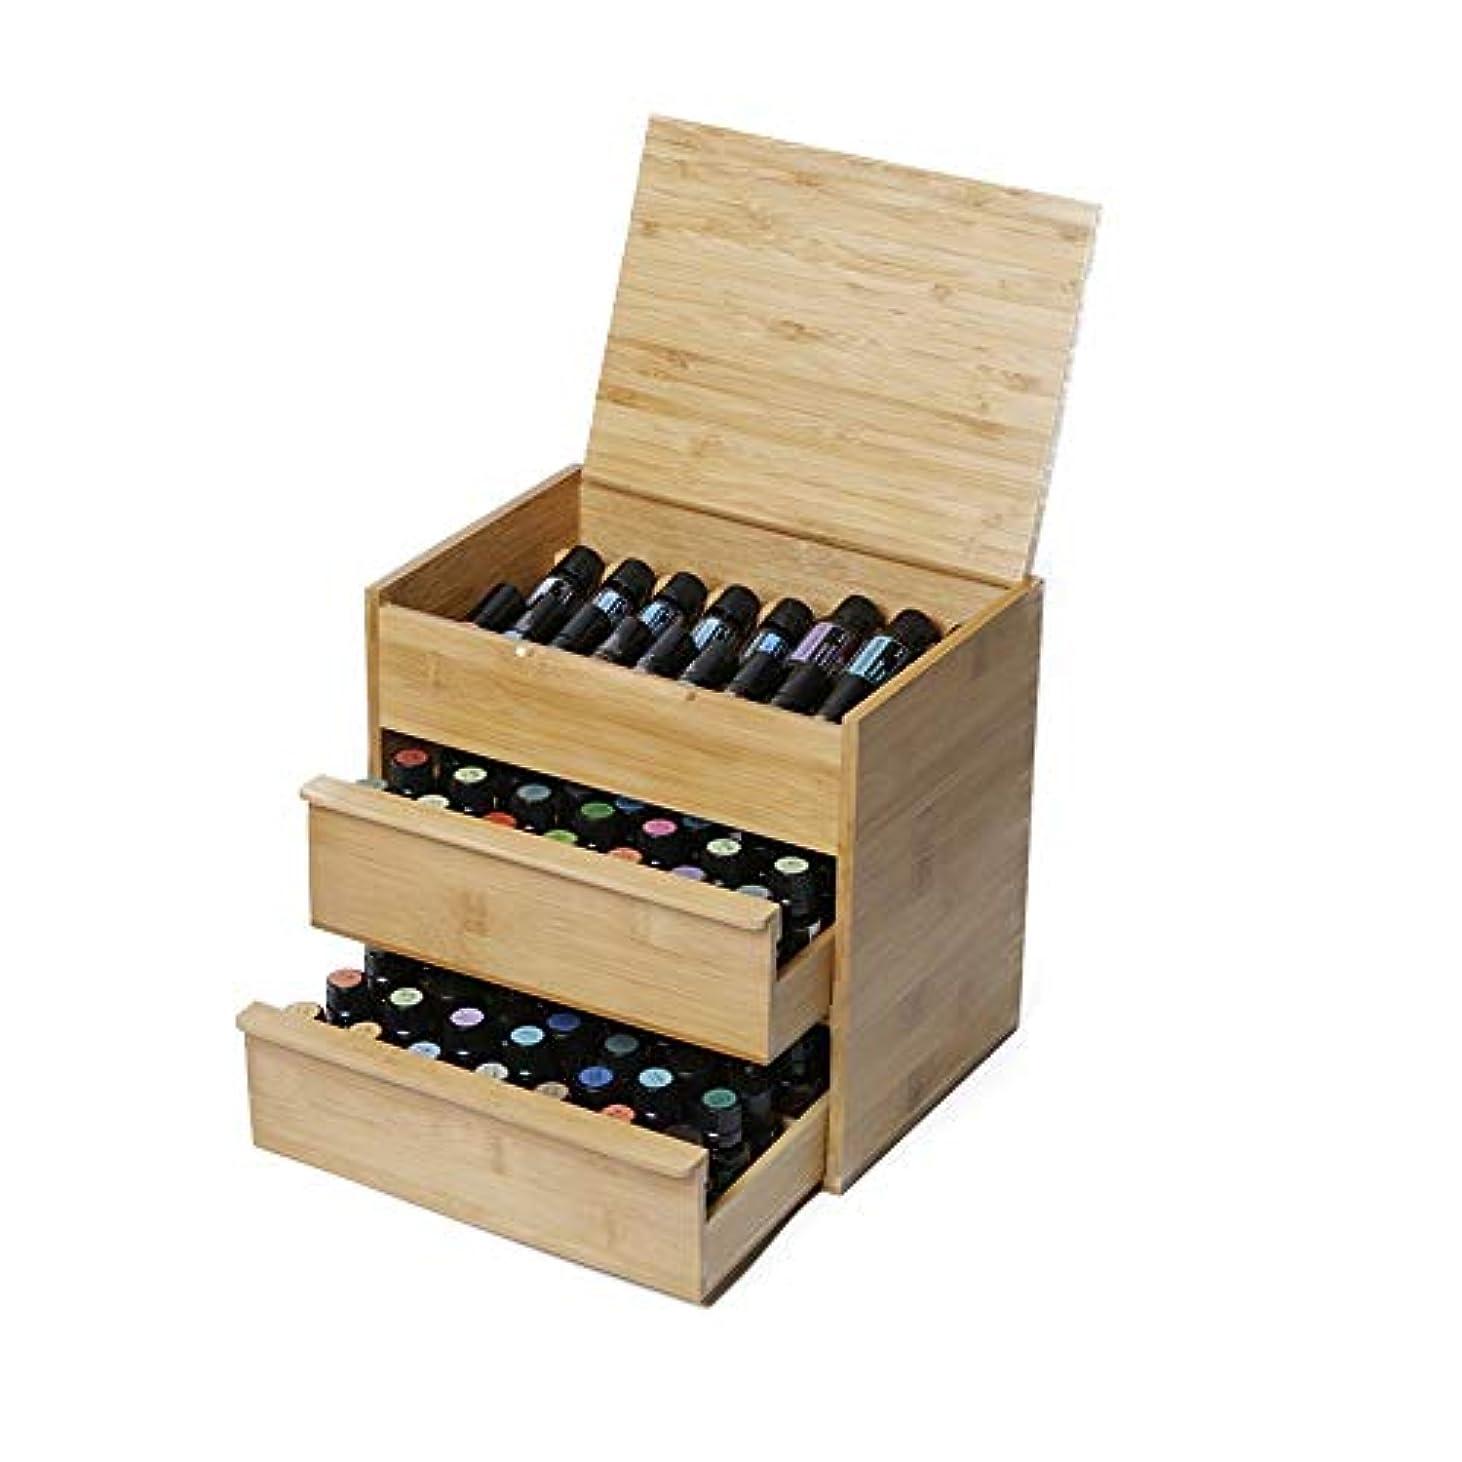 男らしい電話する悲惨エッセンシャルオイルの保管 88スロット木エッセンシャルオイルボックス3ティアボード内部リムーバブルは15/10/5 M1のボトル天然竹を開催します (色 : Natural, サイズ : 26.5X24.5X19CM)